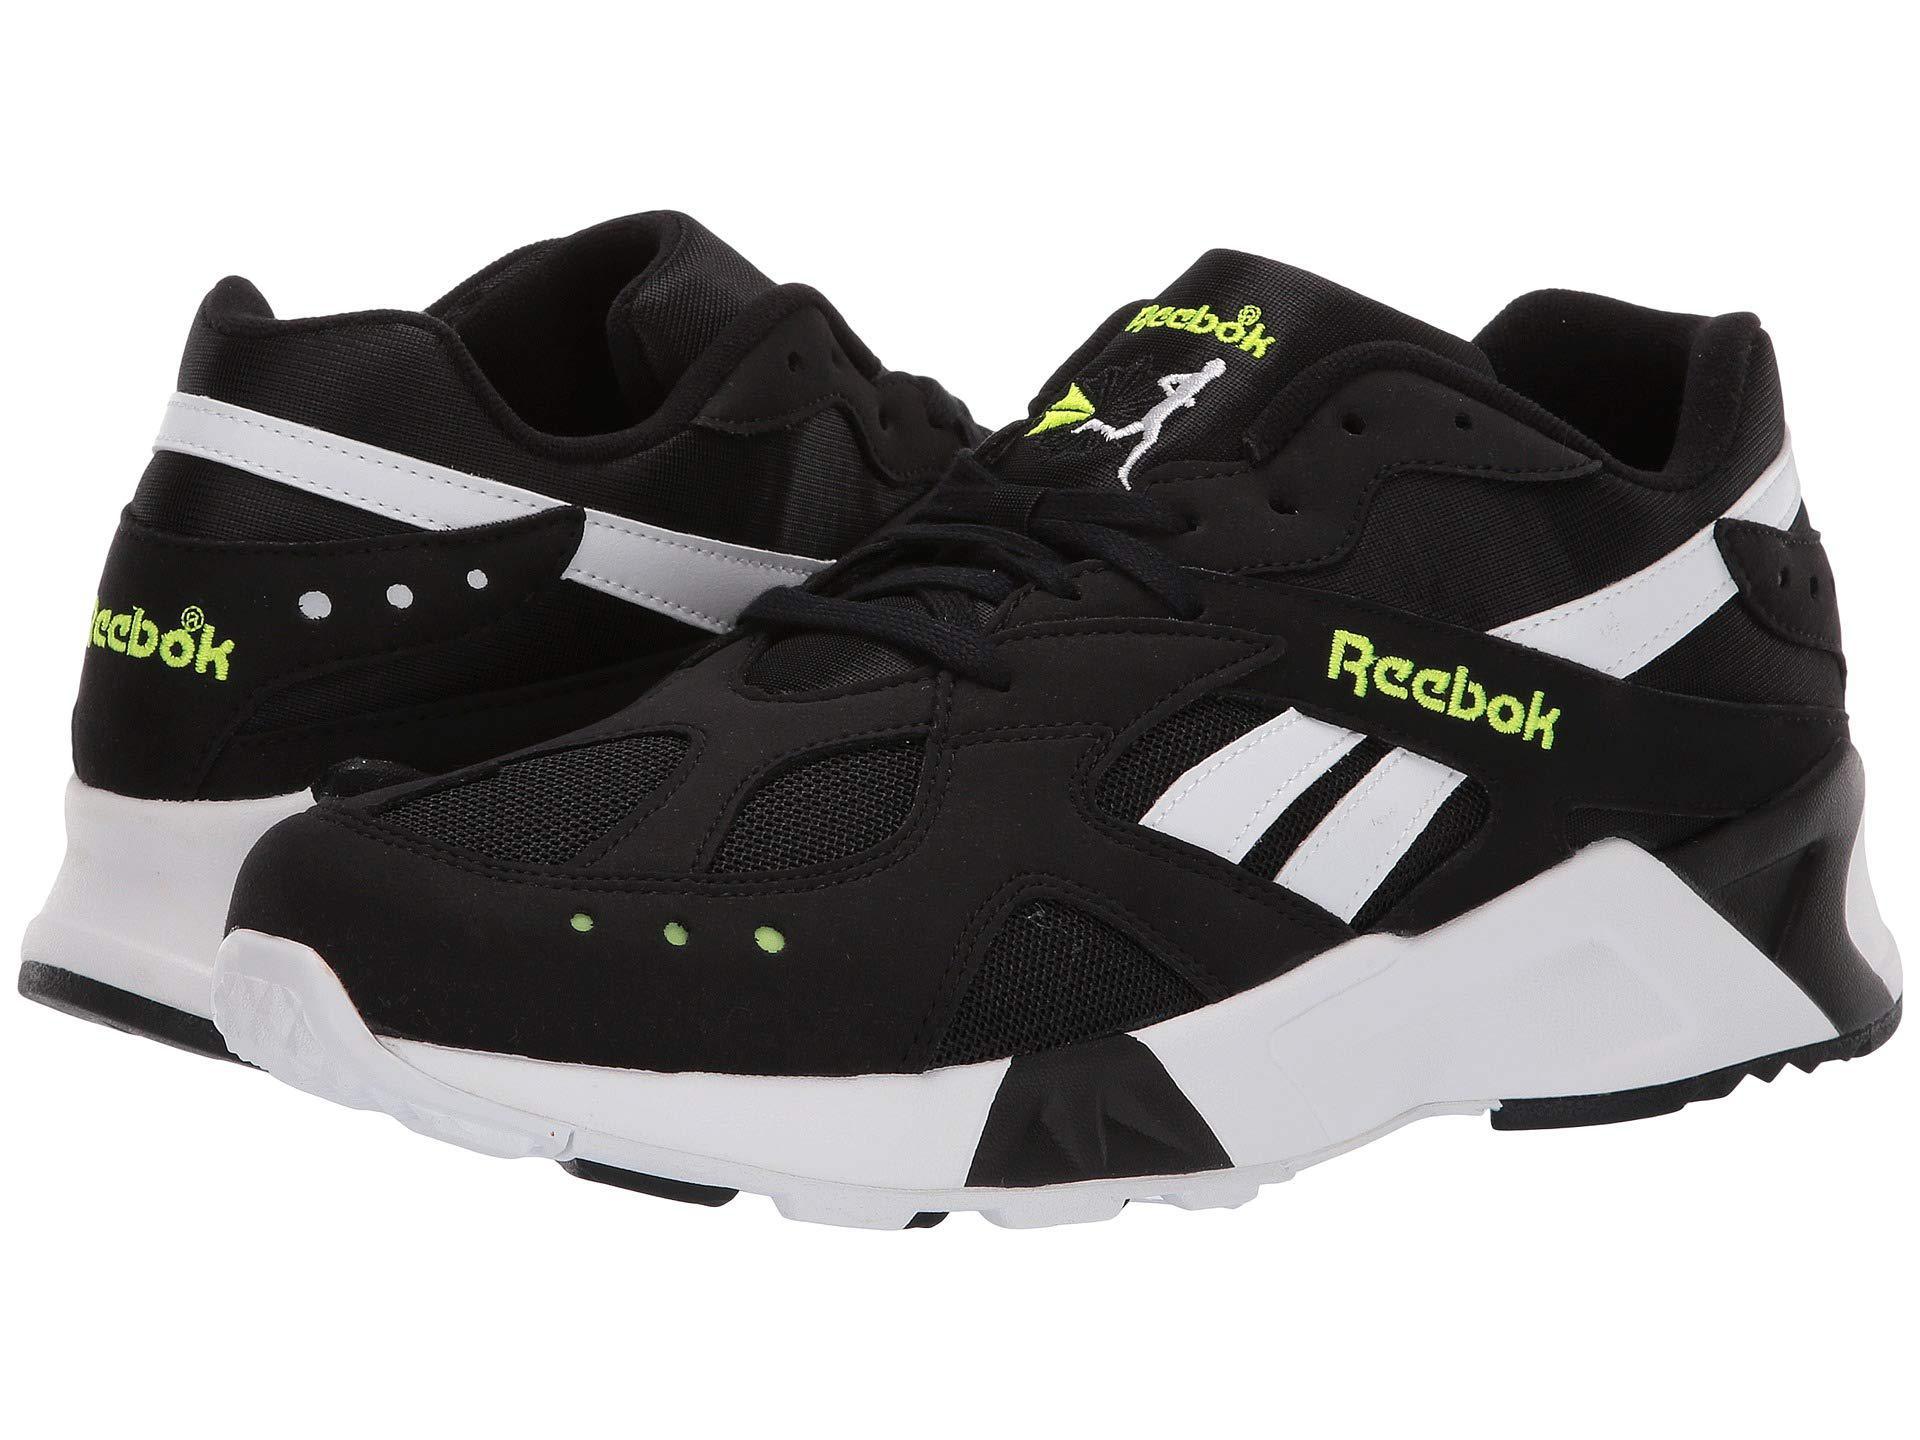 0b3c07e768debf Reebok - Aztrek (black white solar Yellow) Athletic Shoes for Men -. View  fullscreen